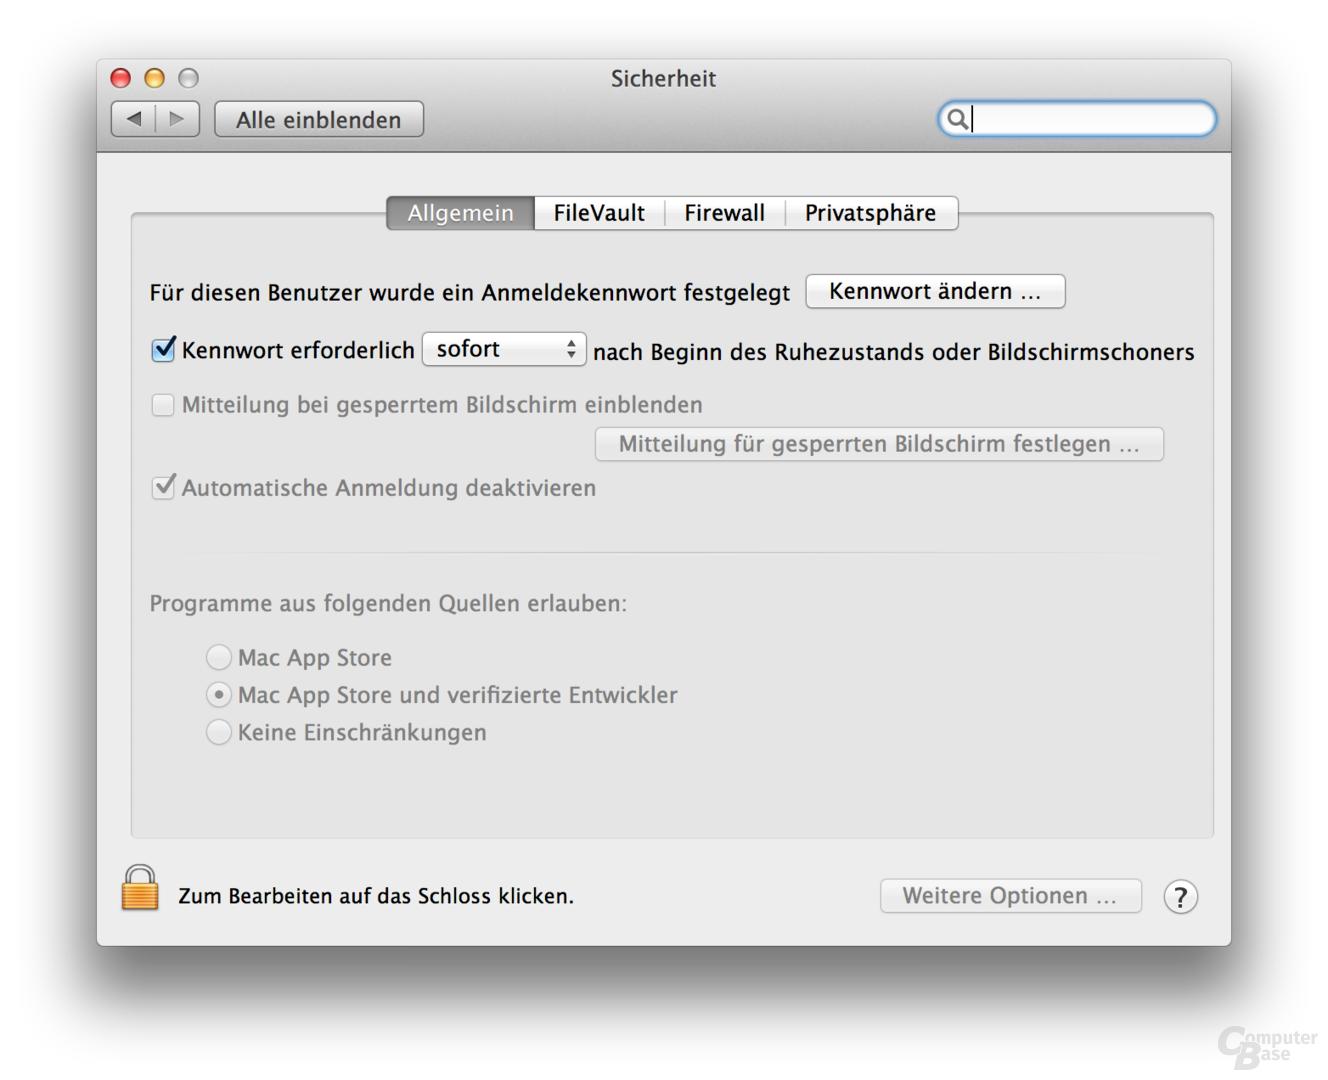 Sicherheitseinstellungen unter OS X 10.8 Mountain Lion